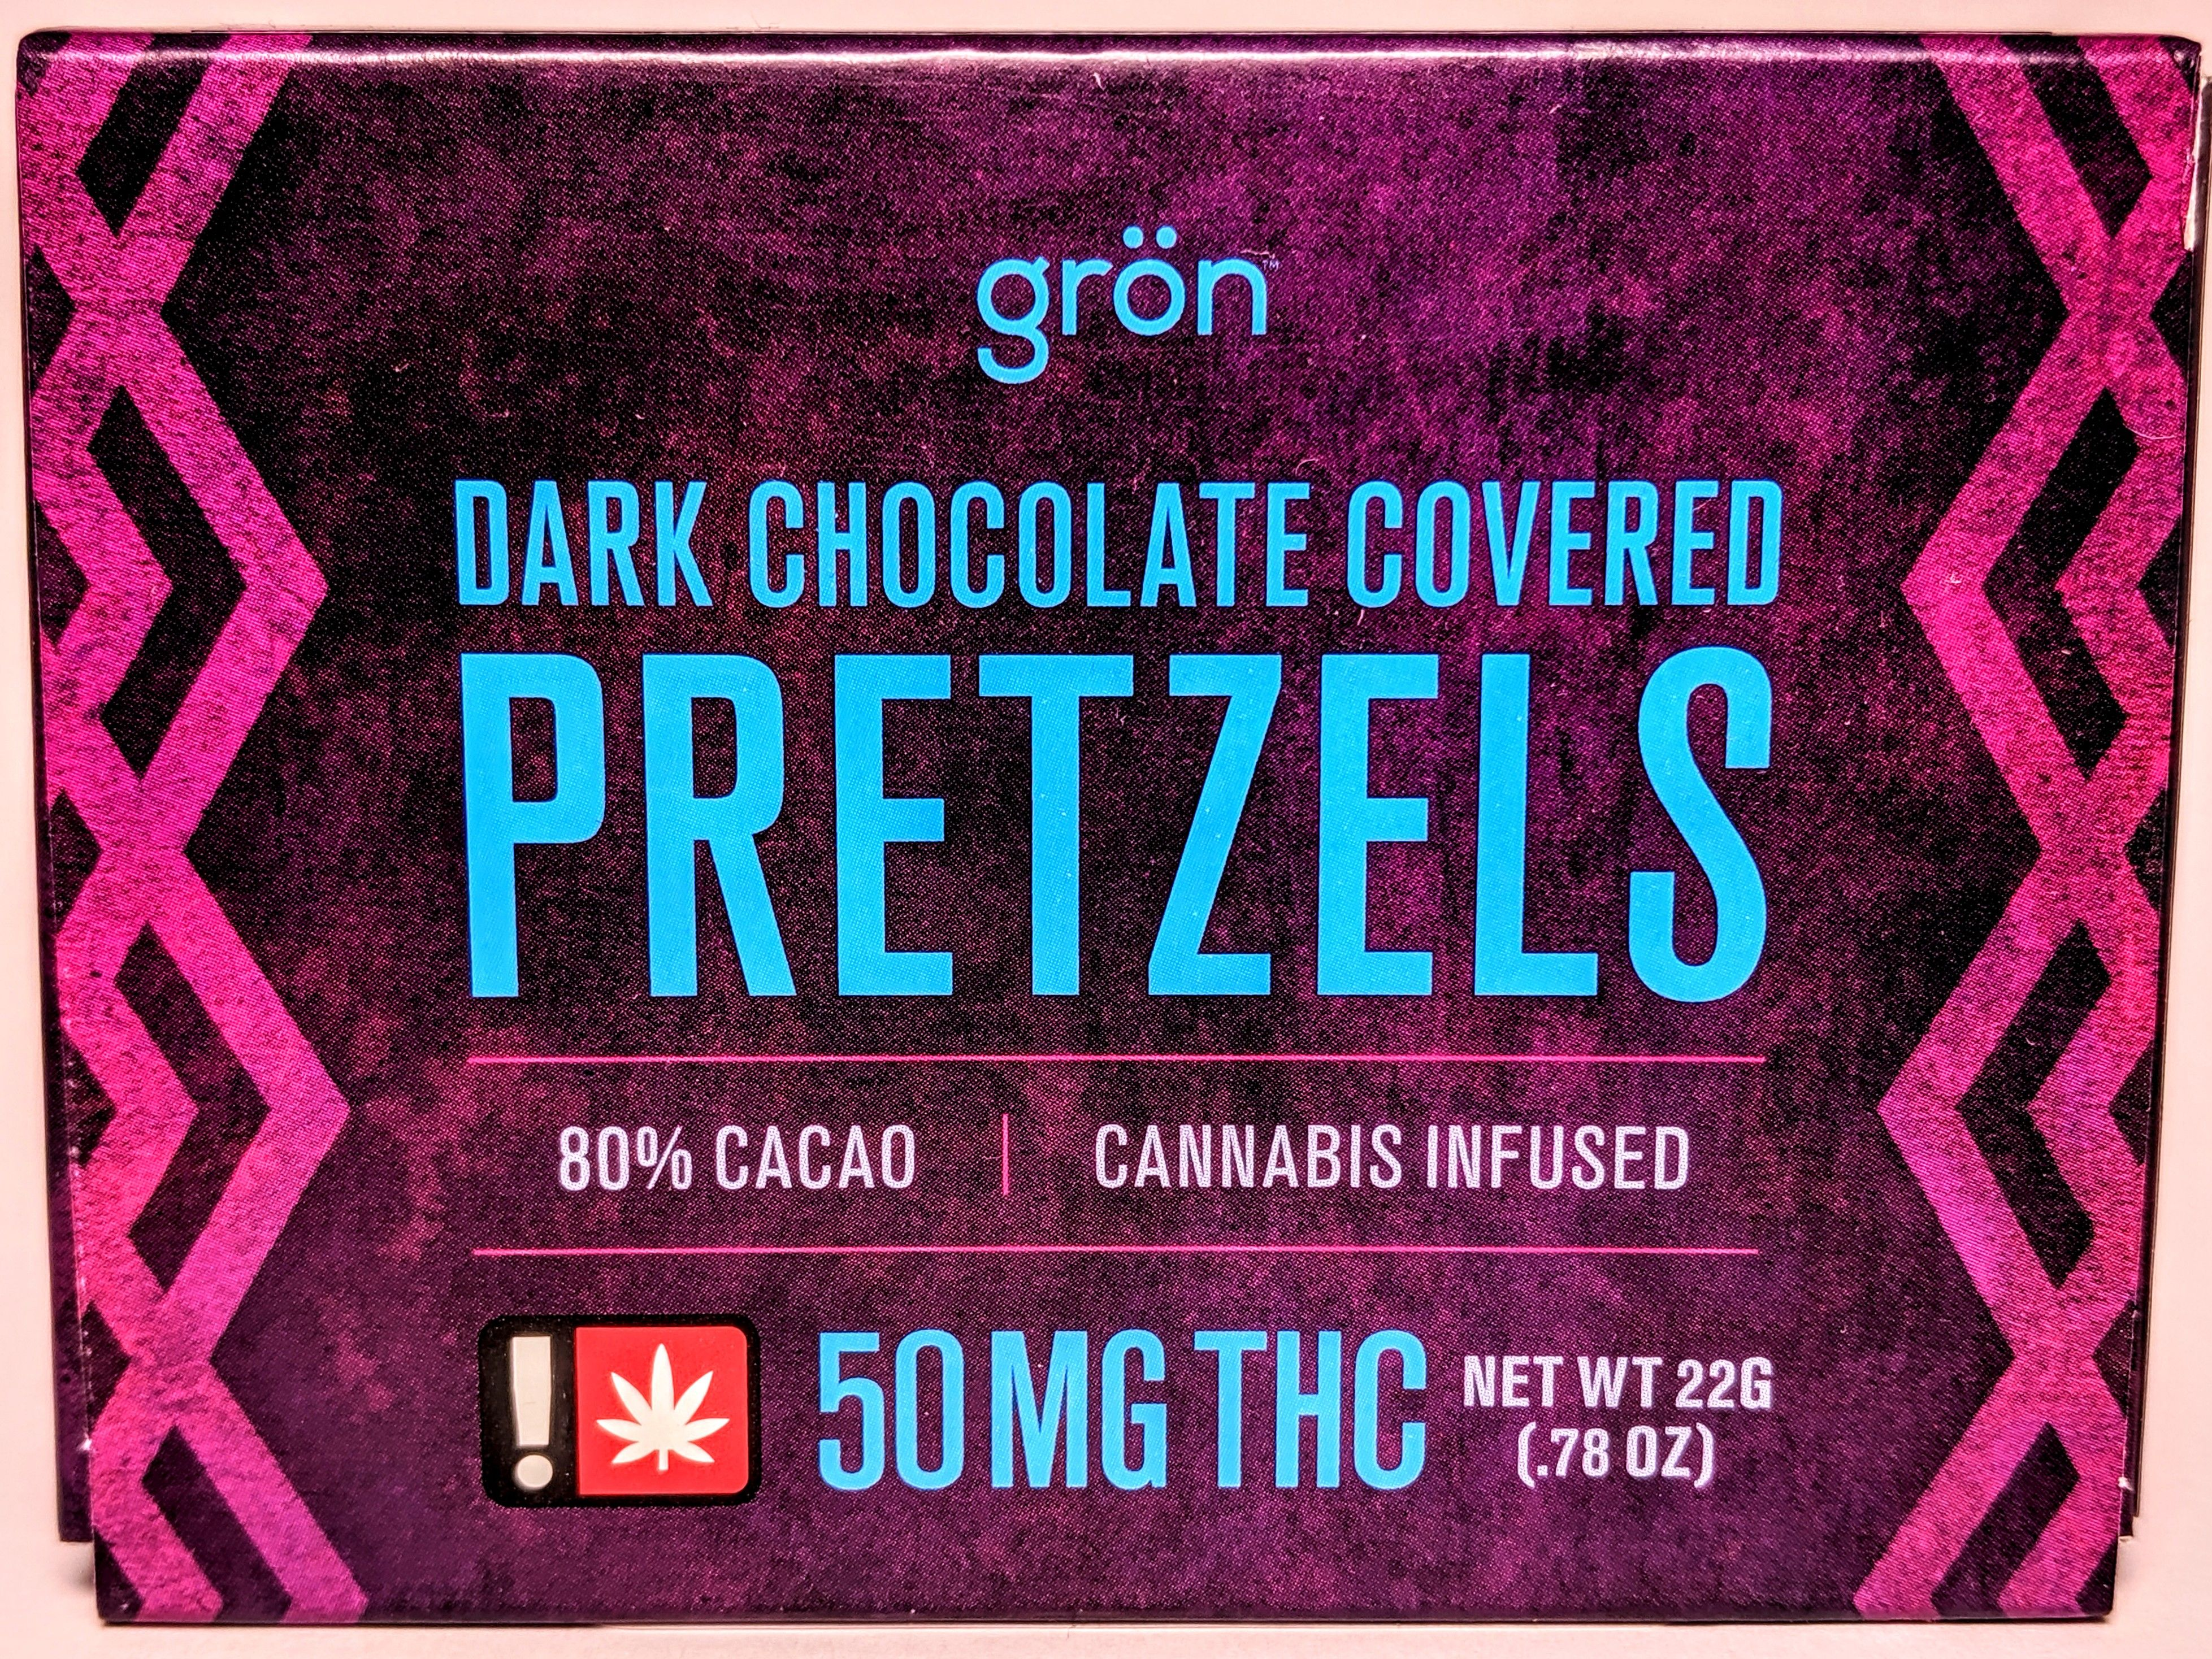 Grön - Dark Chocolate Covered Pretzels with THC